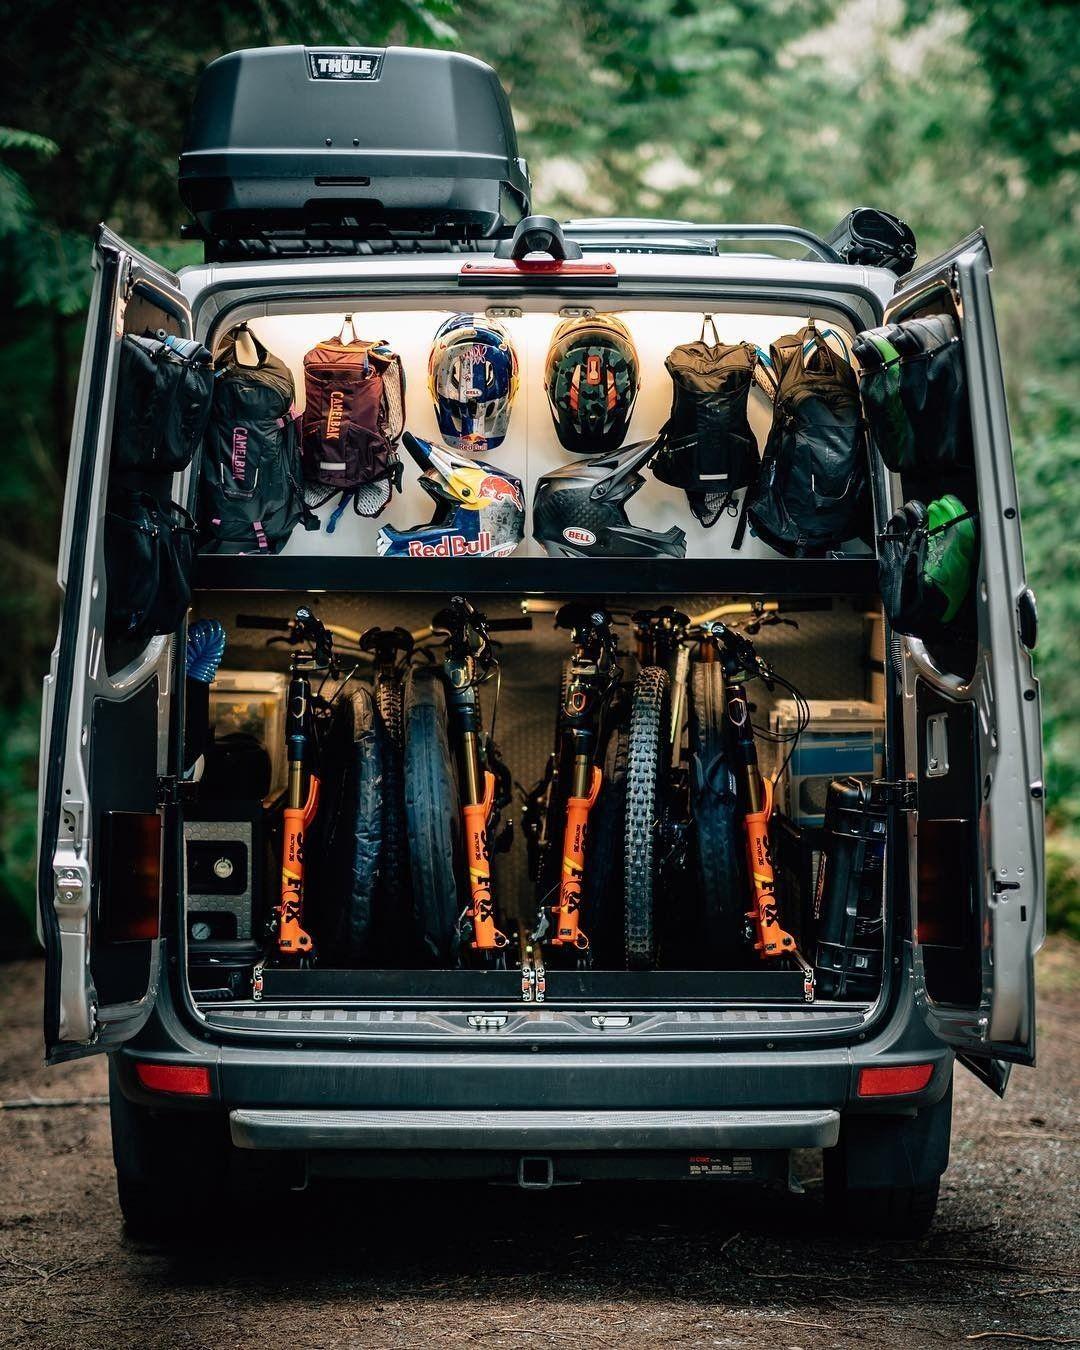 Cycling Van Bike Storage In Van Sprinter Van Camper Build A